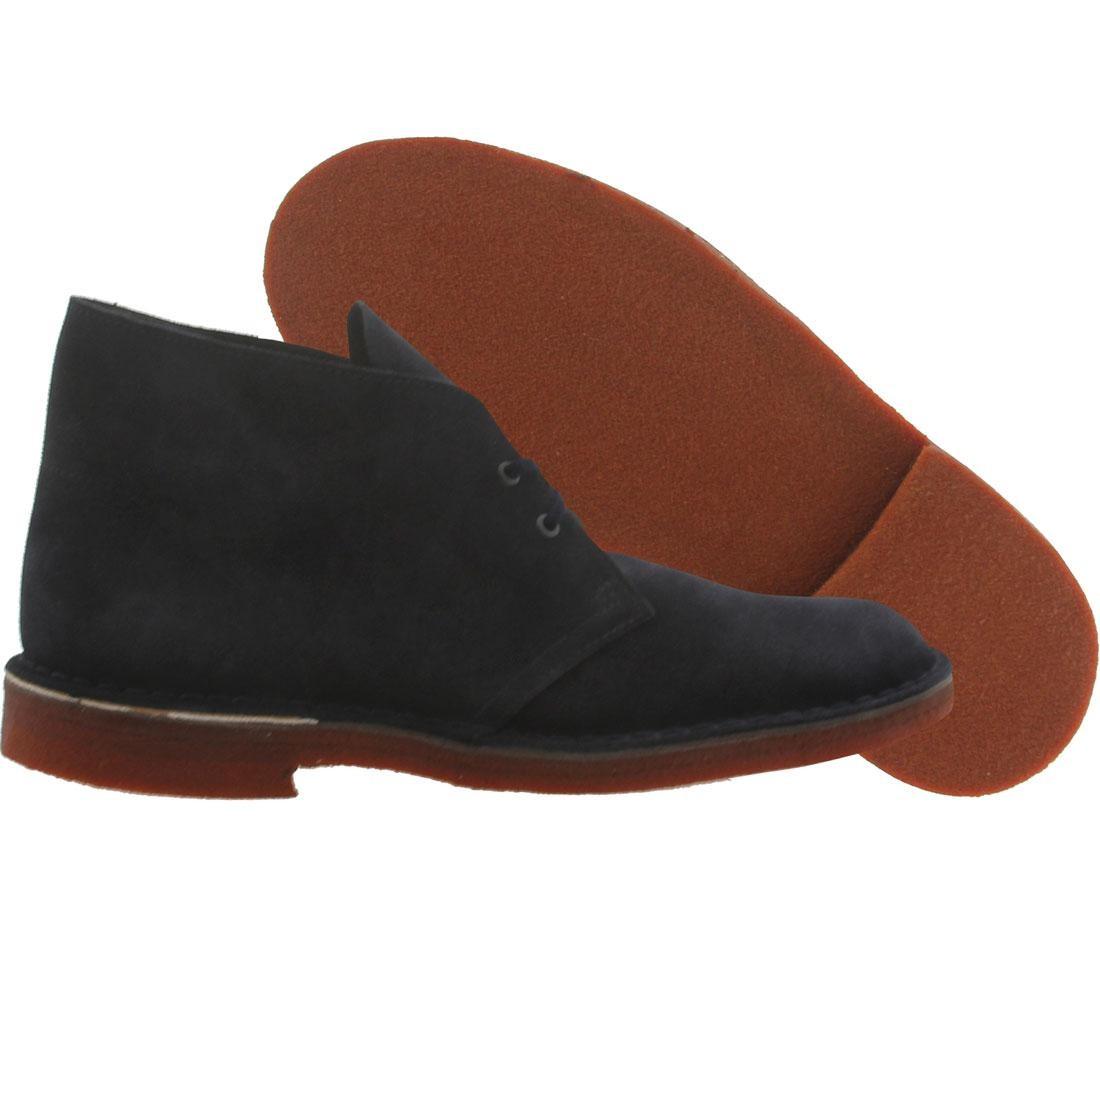 【海外限定】クラークス ブーツ スエード スウェード 靴 スニーカー 【 CLARKS MEN DESERT BOOT SUEDE NAVY BRICK CREPE 】